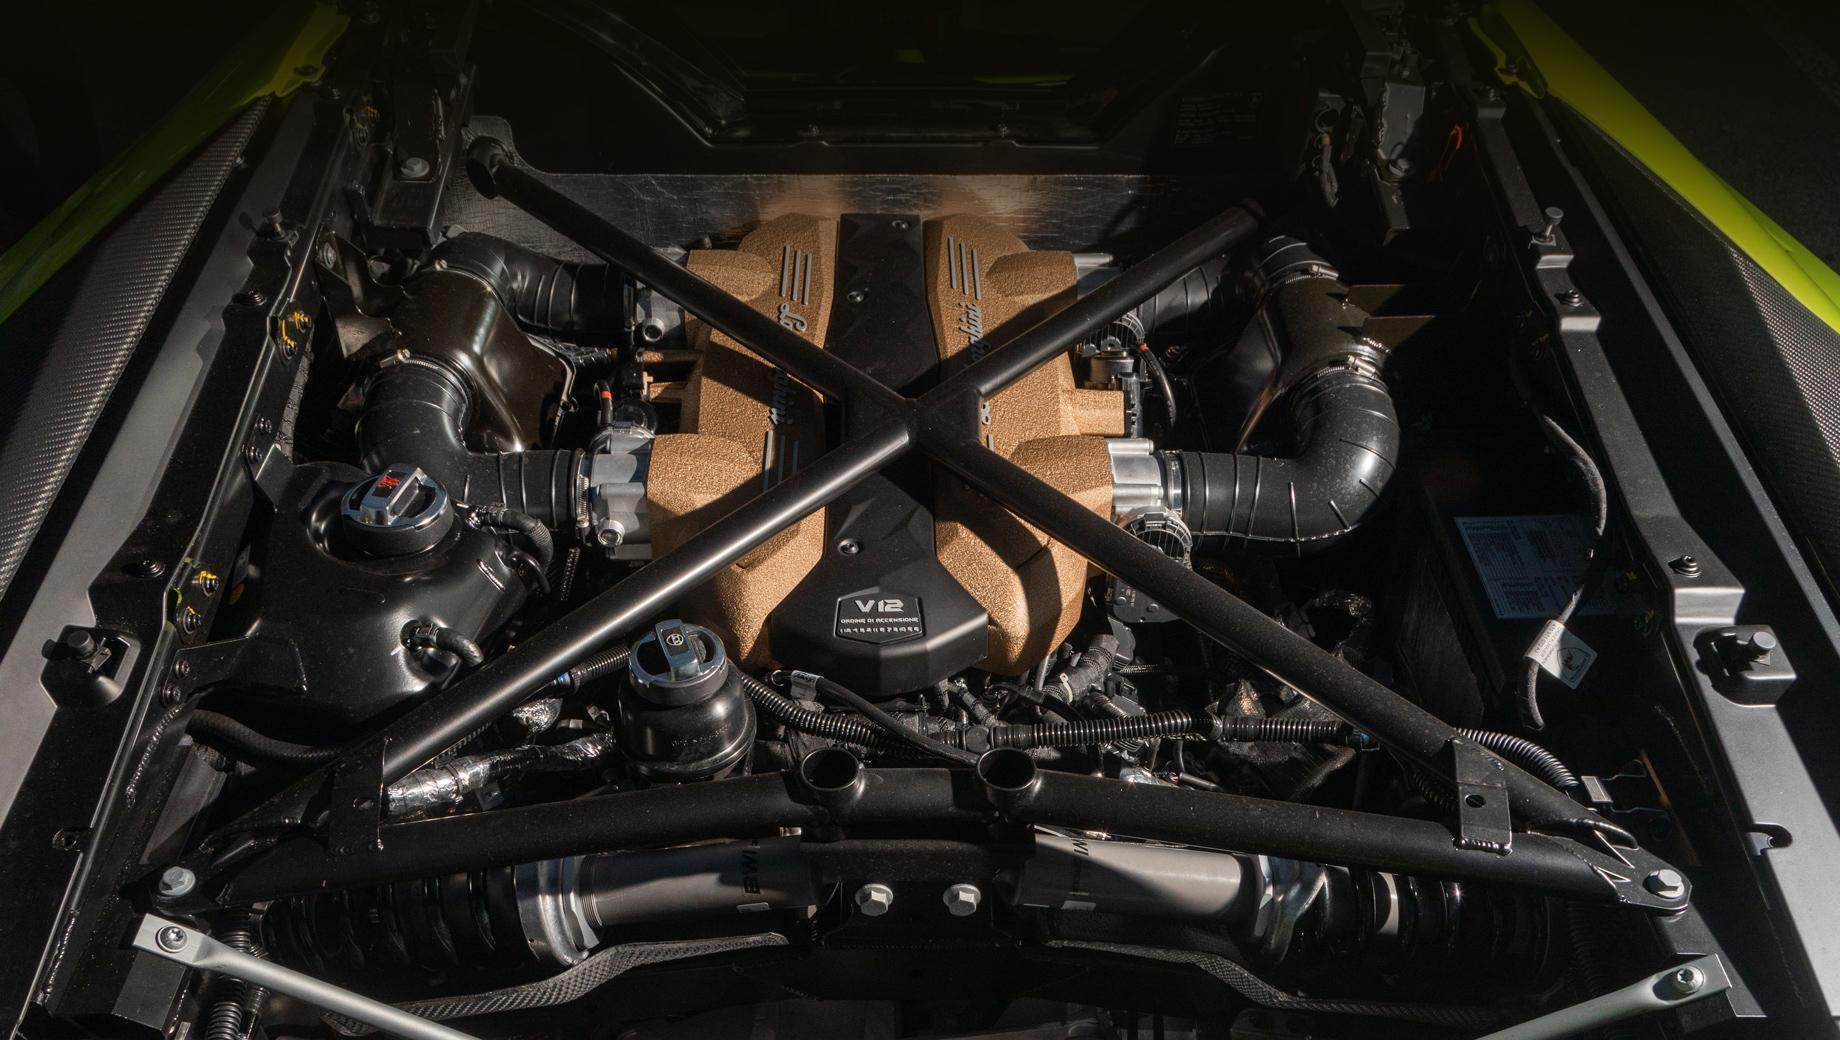 Lamborghini aventador. В конце прошлого года компания подчеркнула, что будет держаться ДВС настолько долго, насколько это возможно. Ну и мотор V12 ещё поживёт. Нормы по выхлопу компания постарается выполнить за счёт гибридизации.